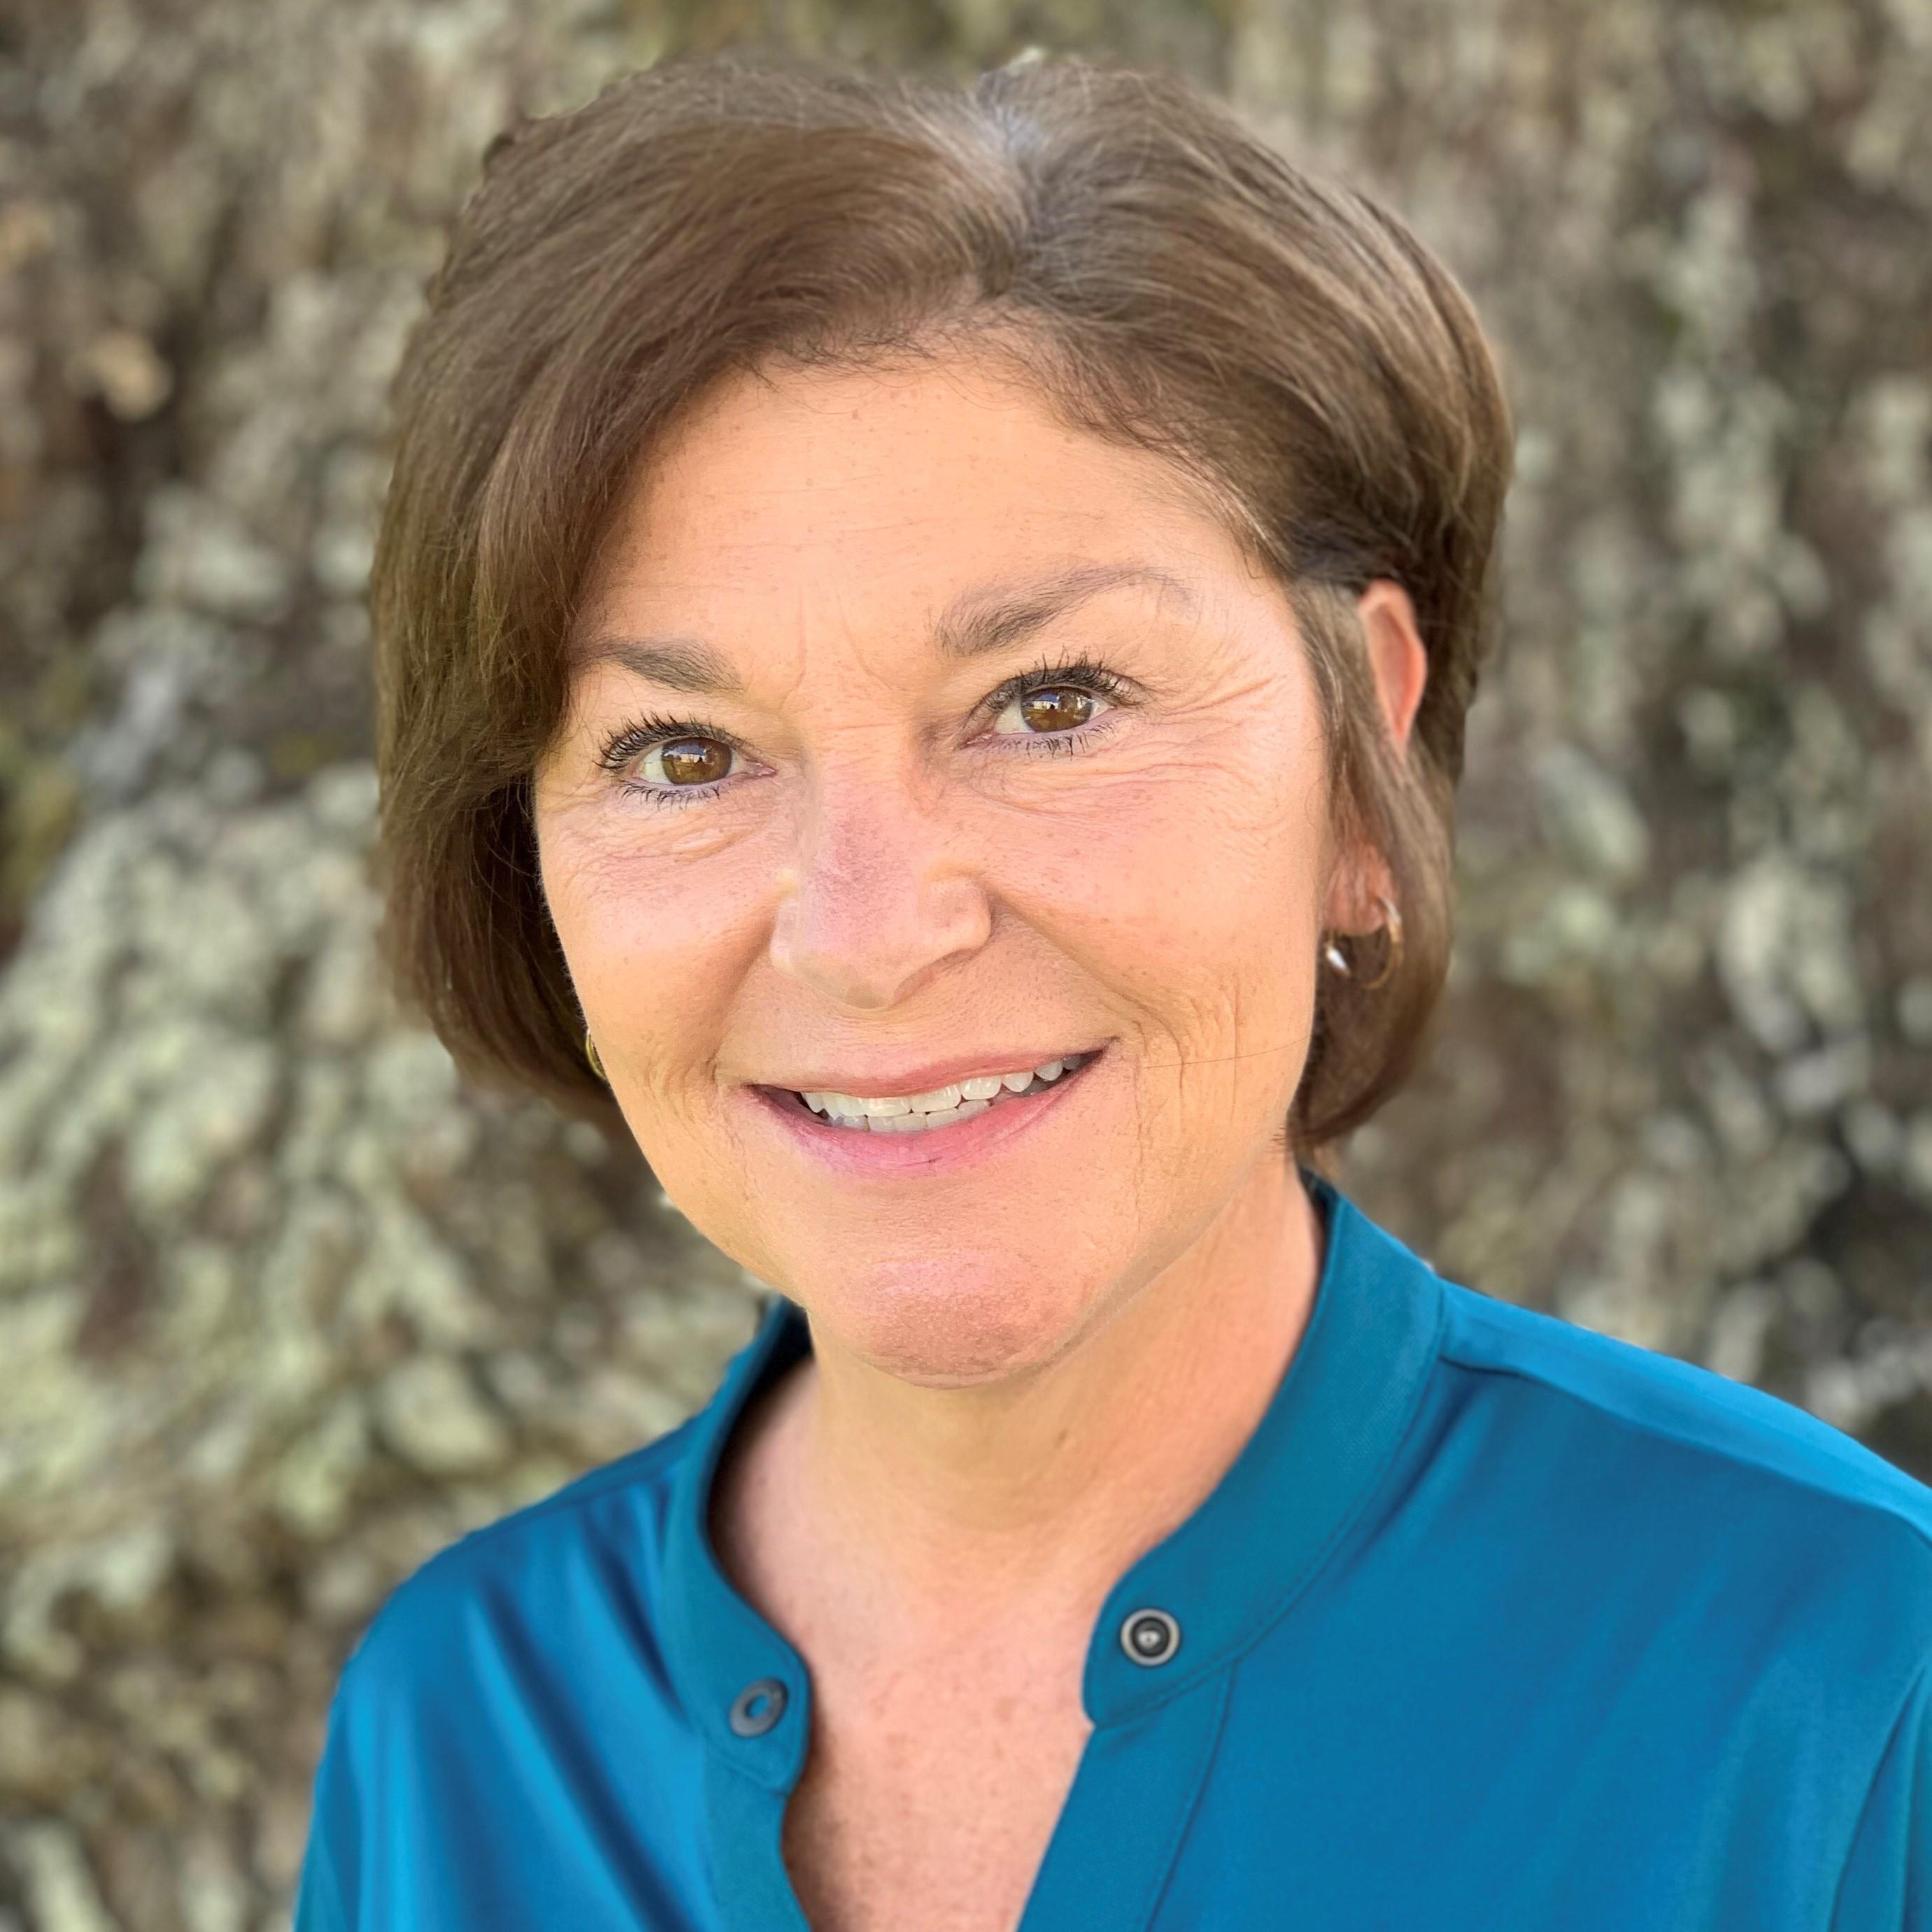 Gayle Boudreaux